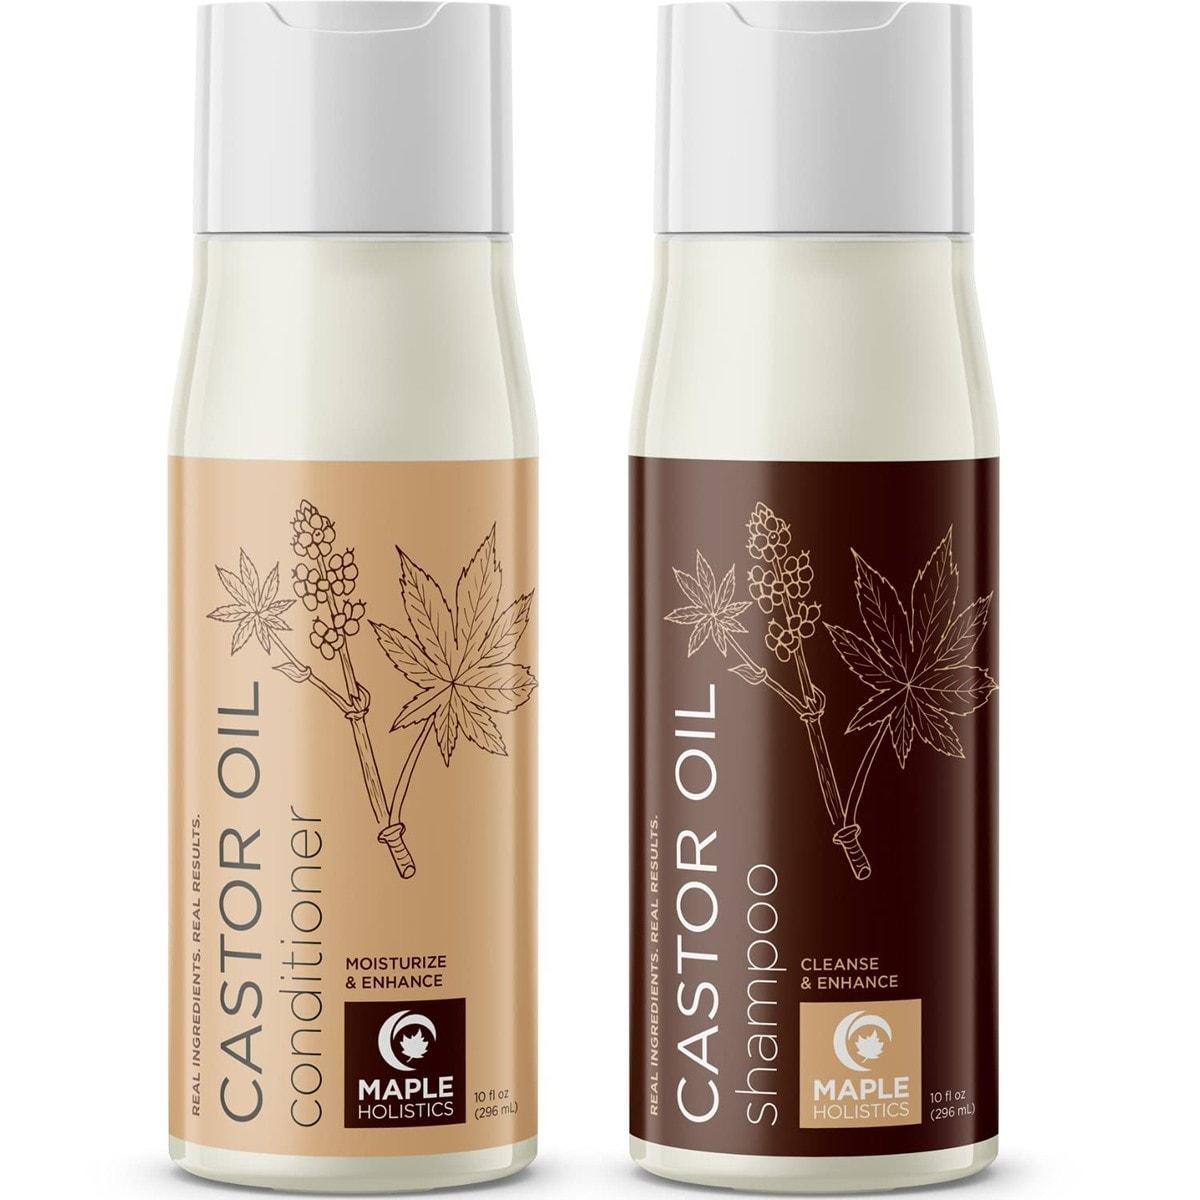 Maple Holistics Castor Oil Shampoo and Conditioner